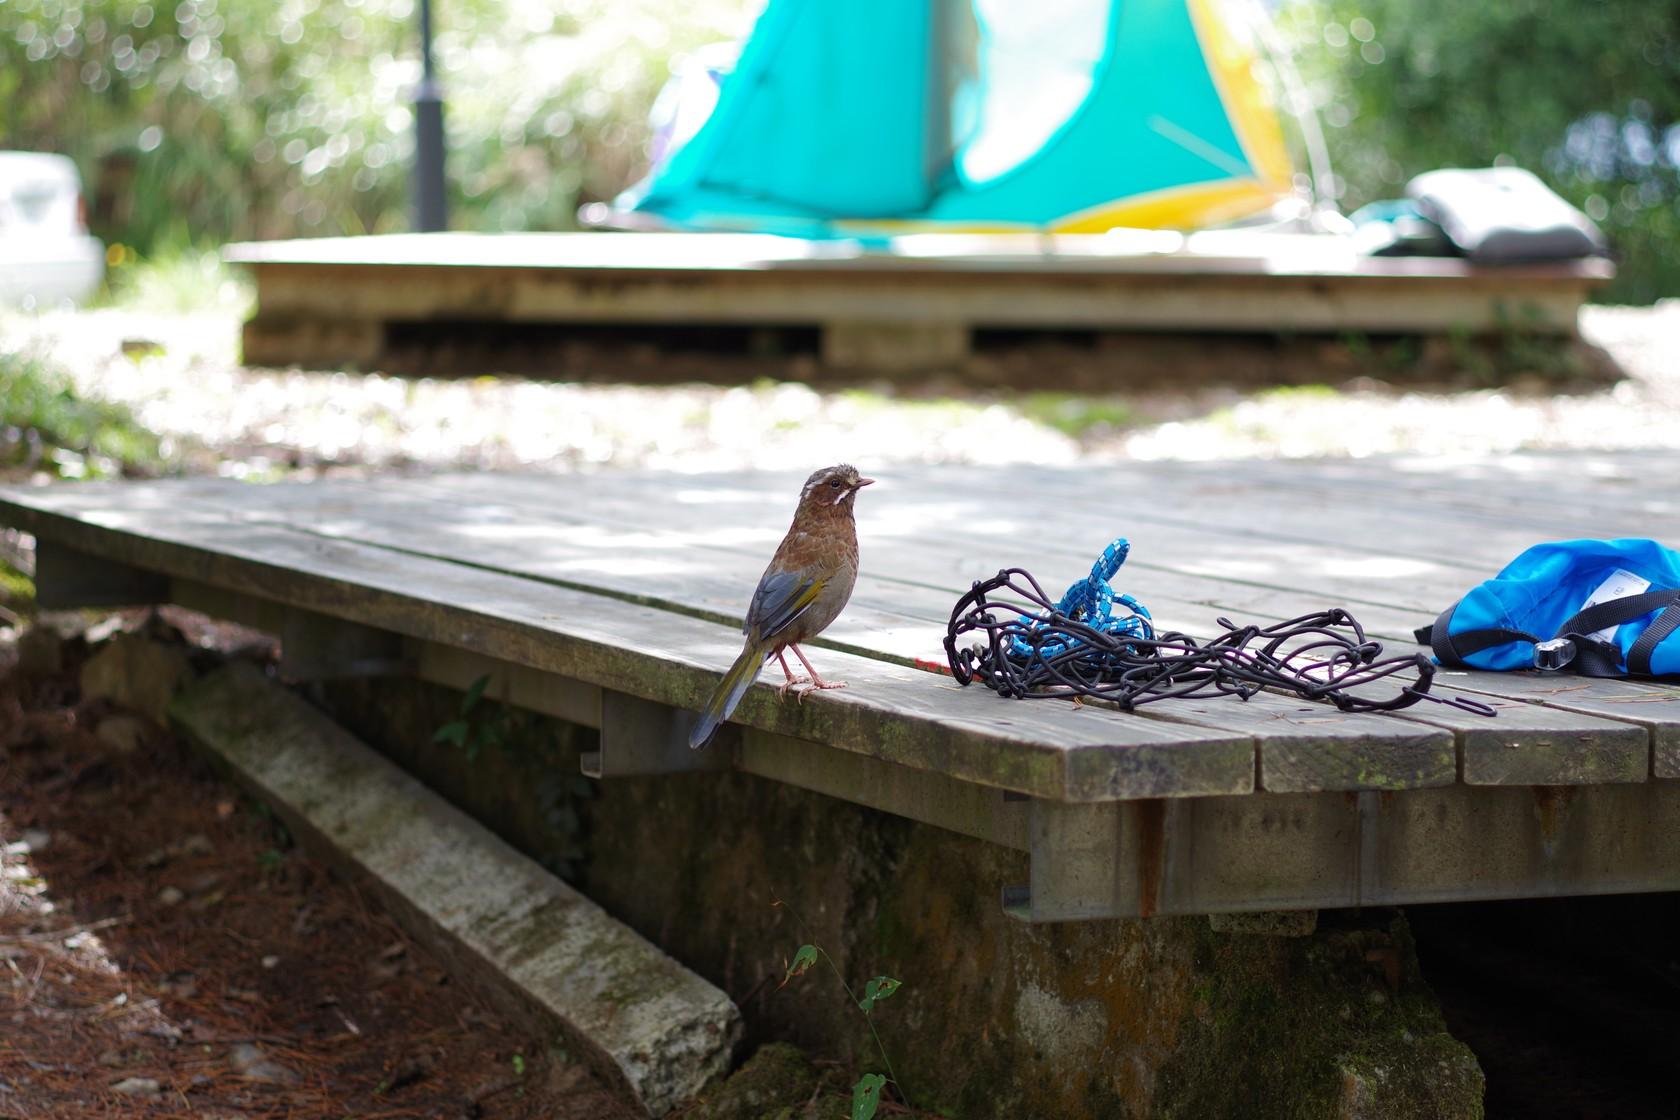 另一隻覓食中的鳥